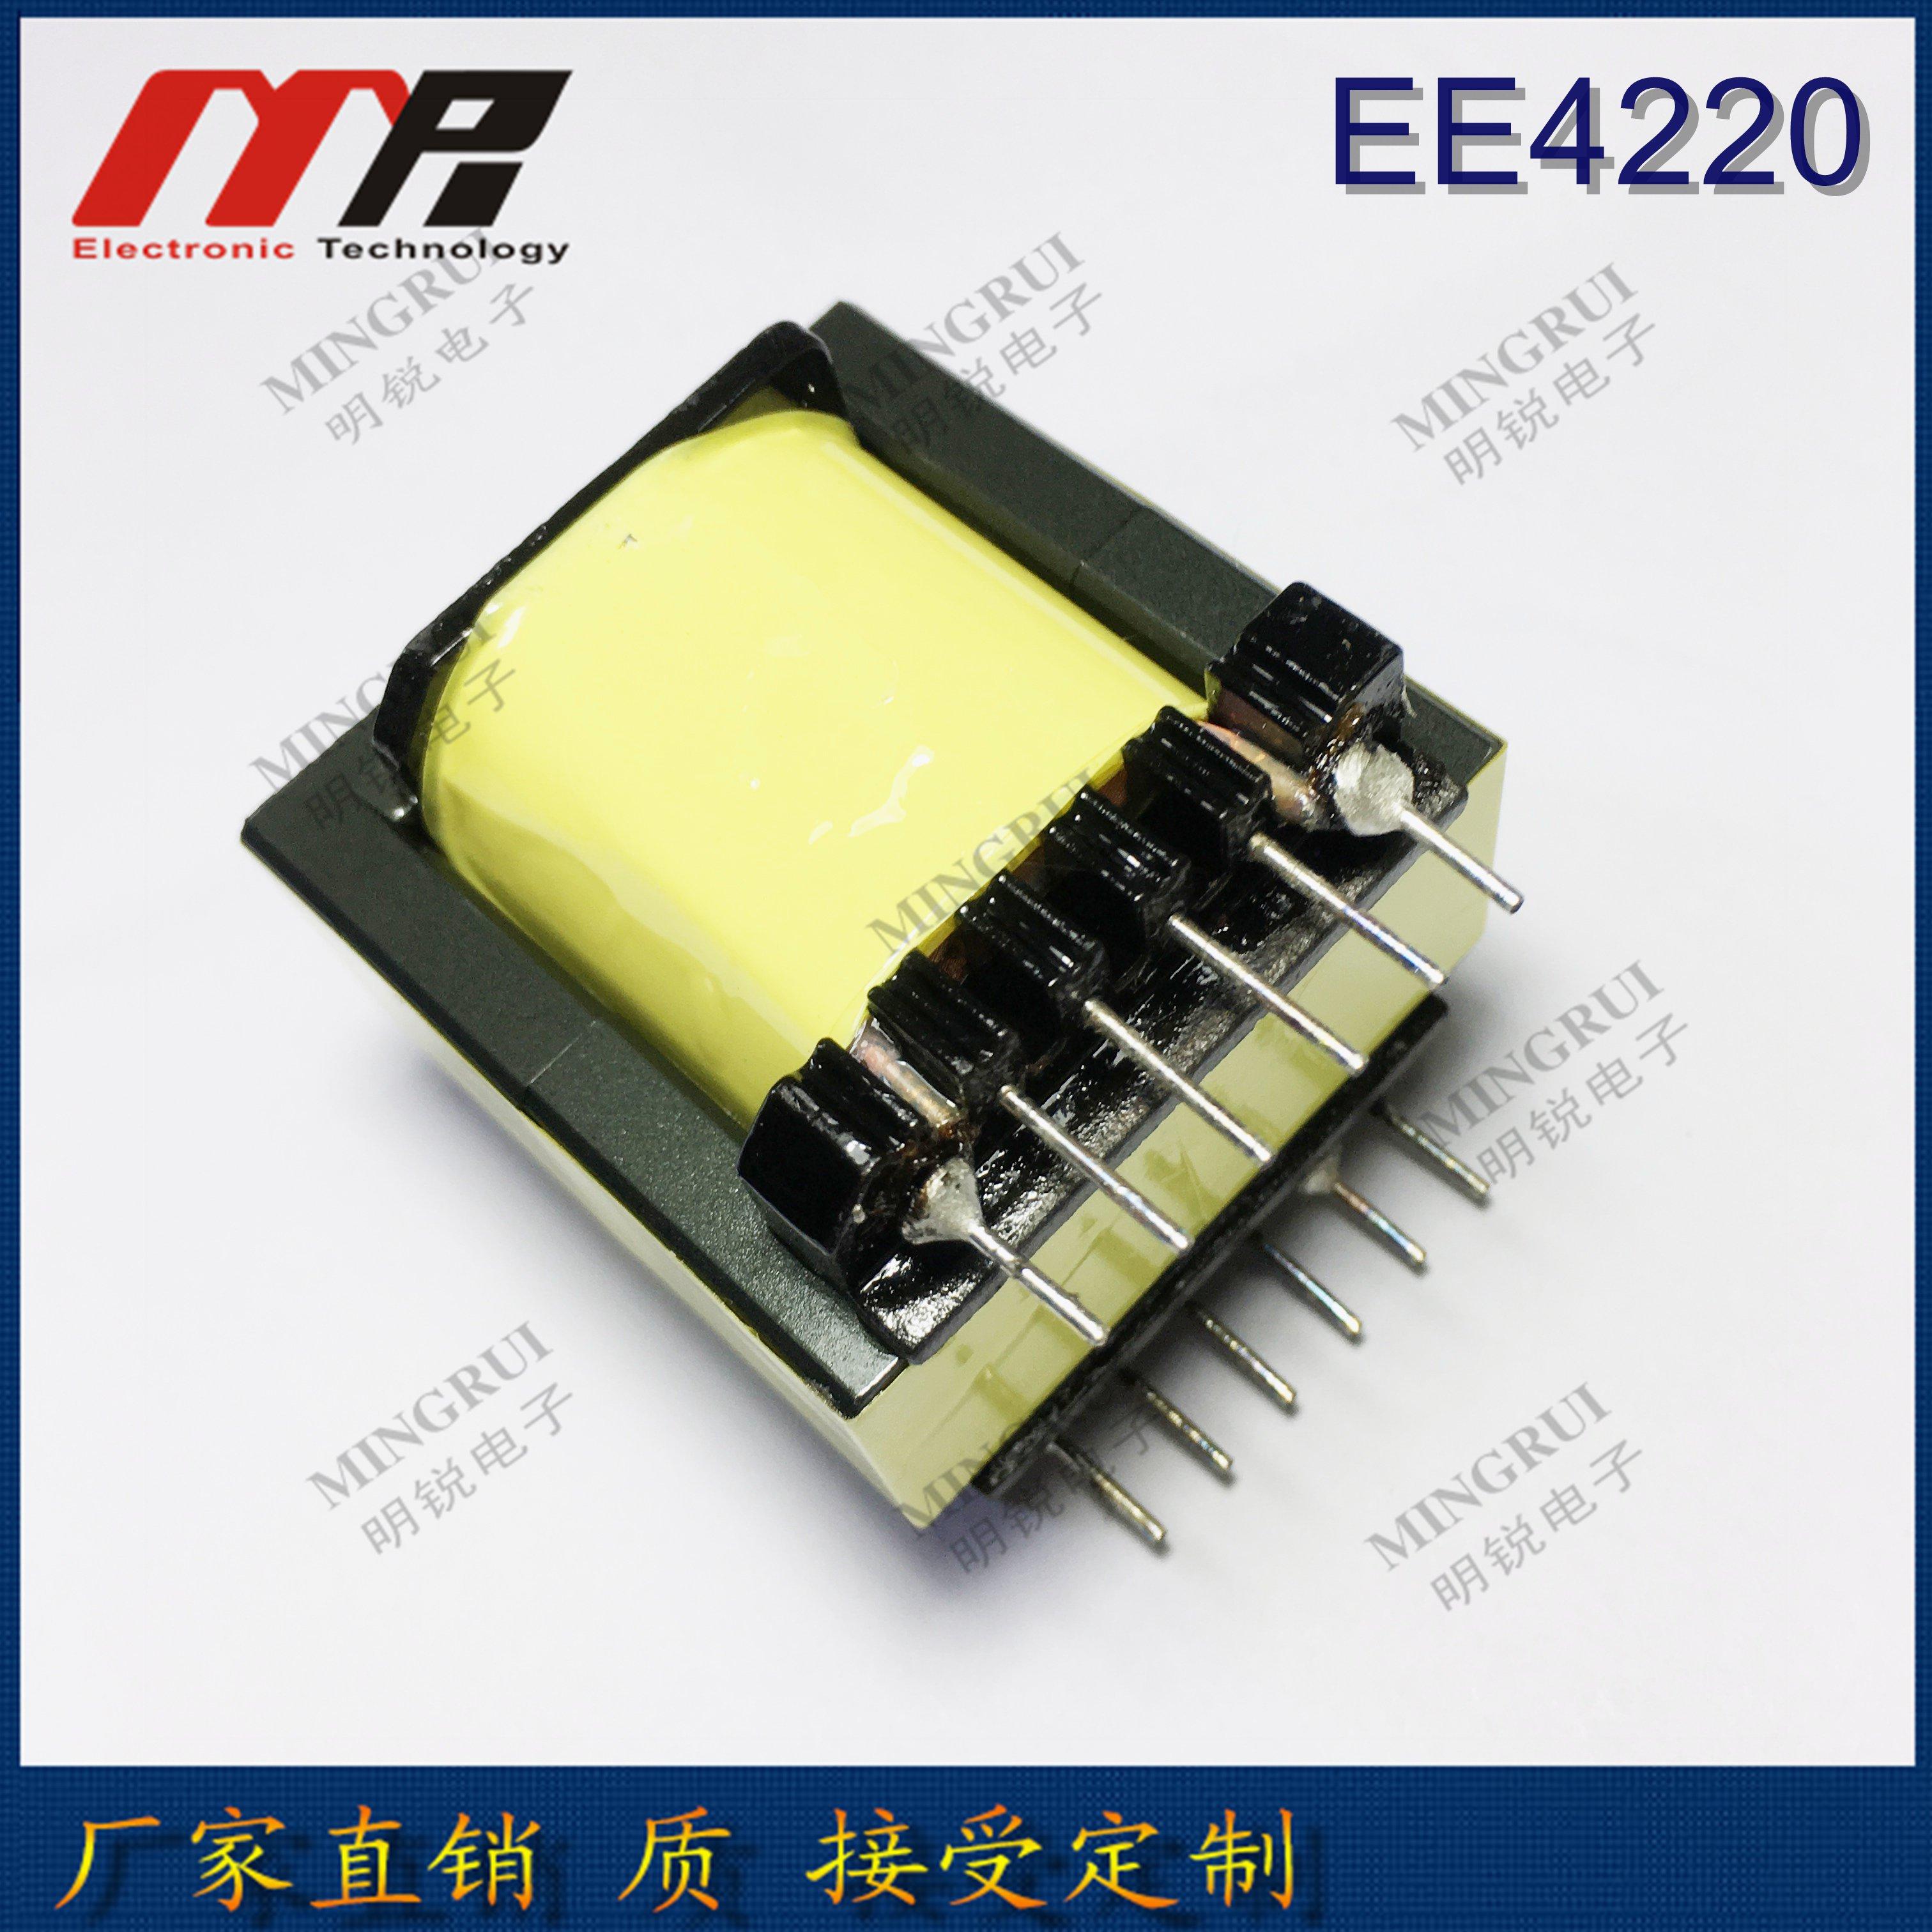 EE422EE4220立式高频电感   大功率电源专用 超声波电源专用0立式高频电感   大 大功率电源变压器